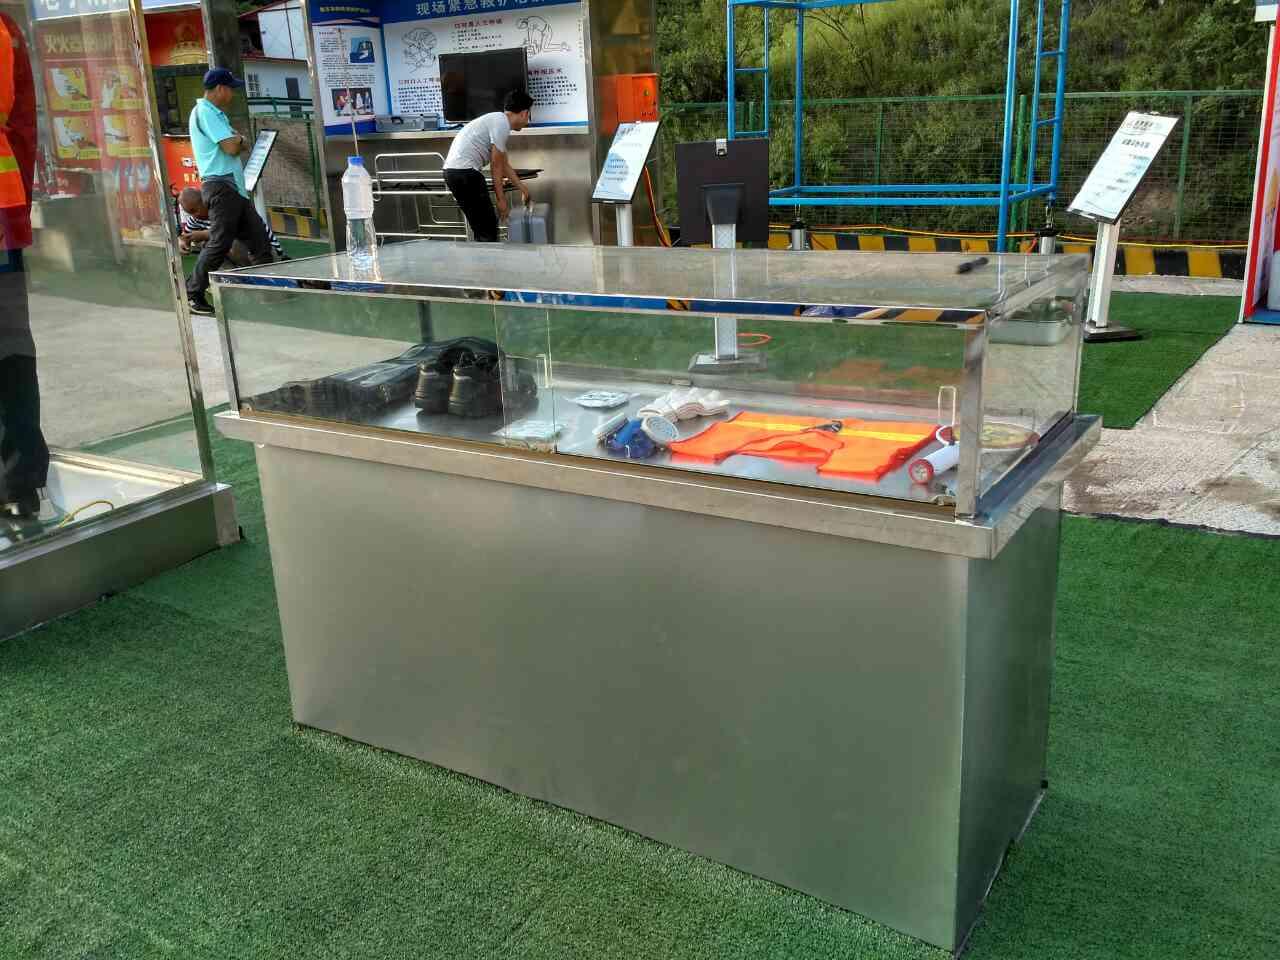 安全防护用品展示-2